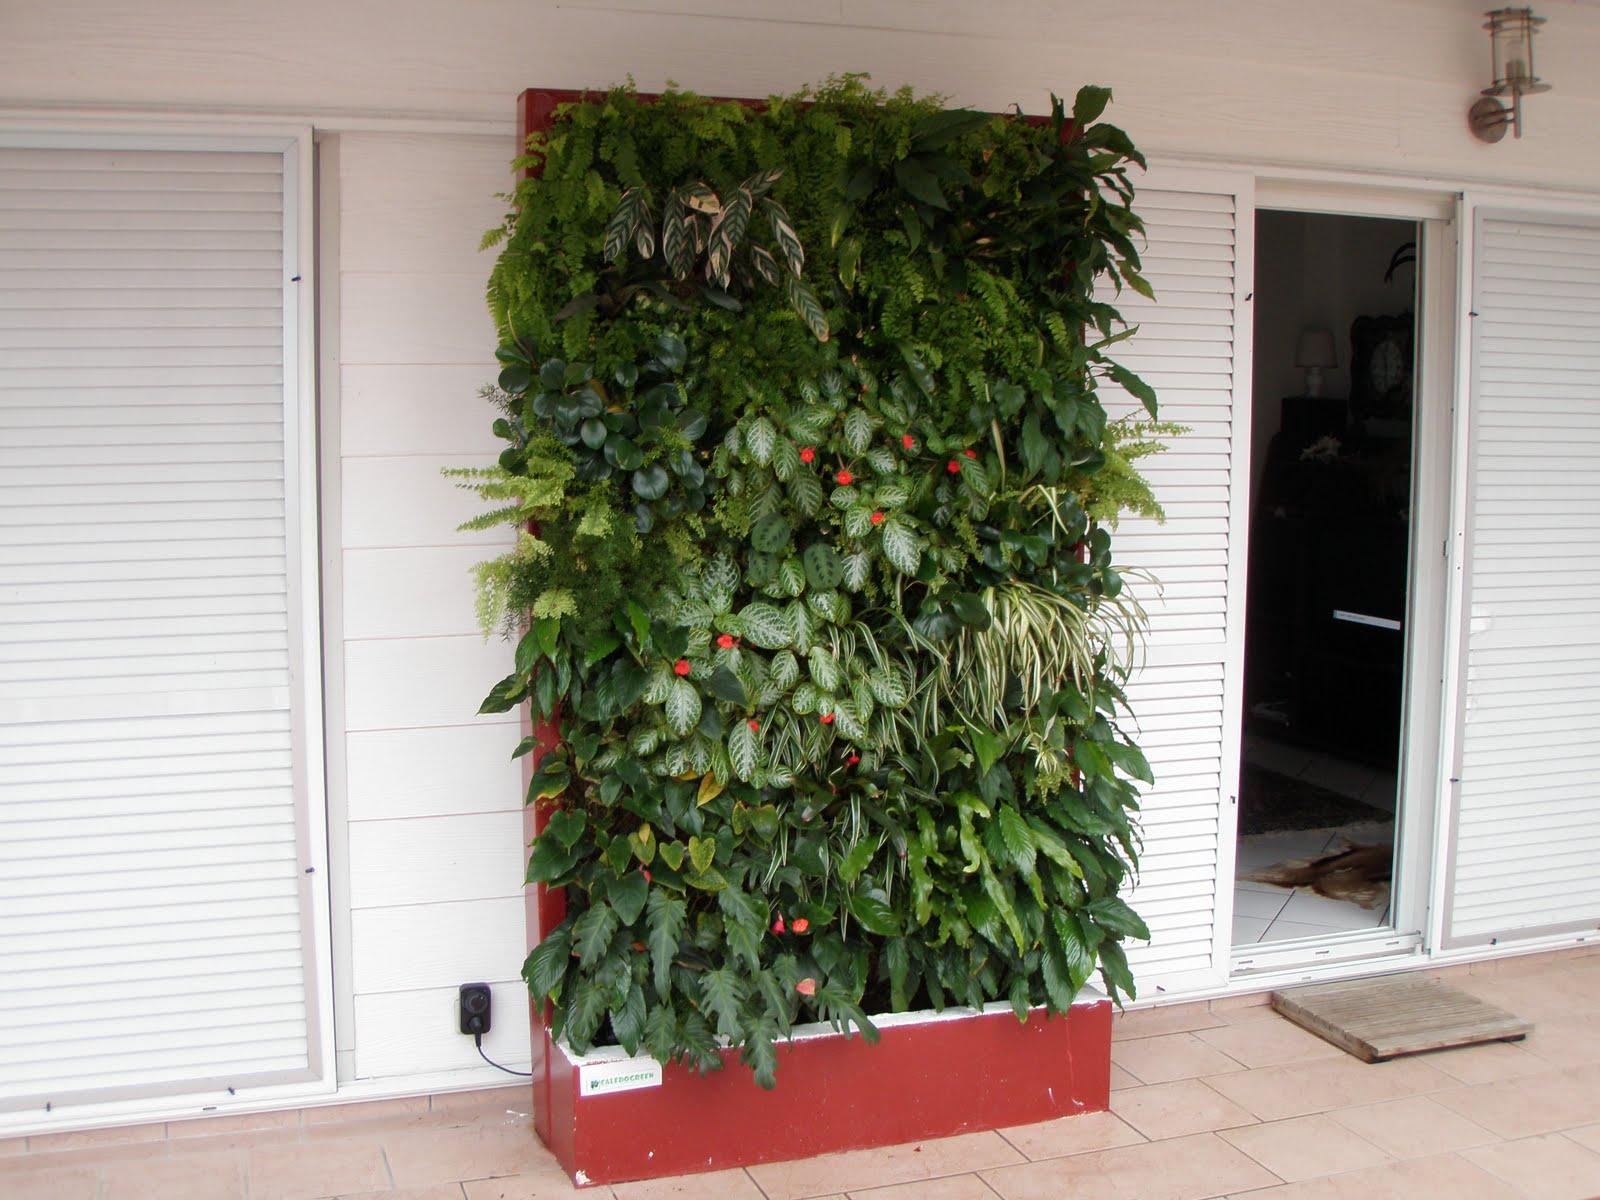 caledogreen murs v g taux mur v g tal magnin. Black Bedroom Furniture Sets. Home Design Ideas